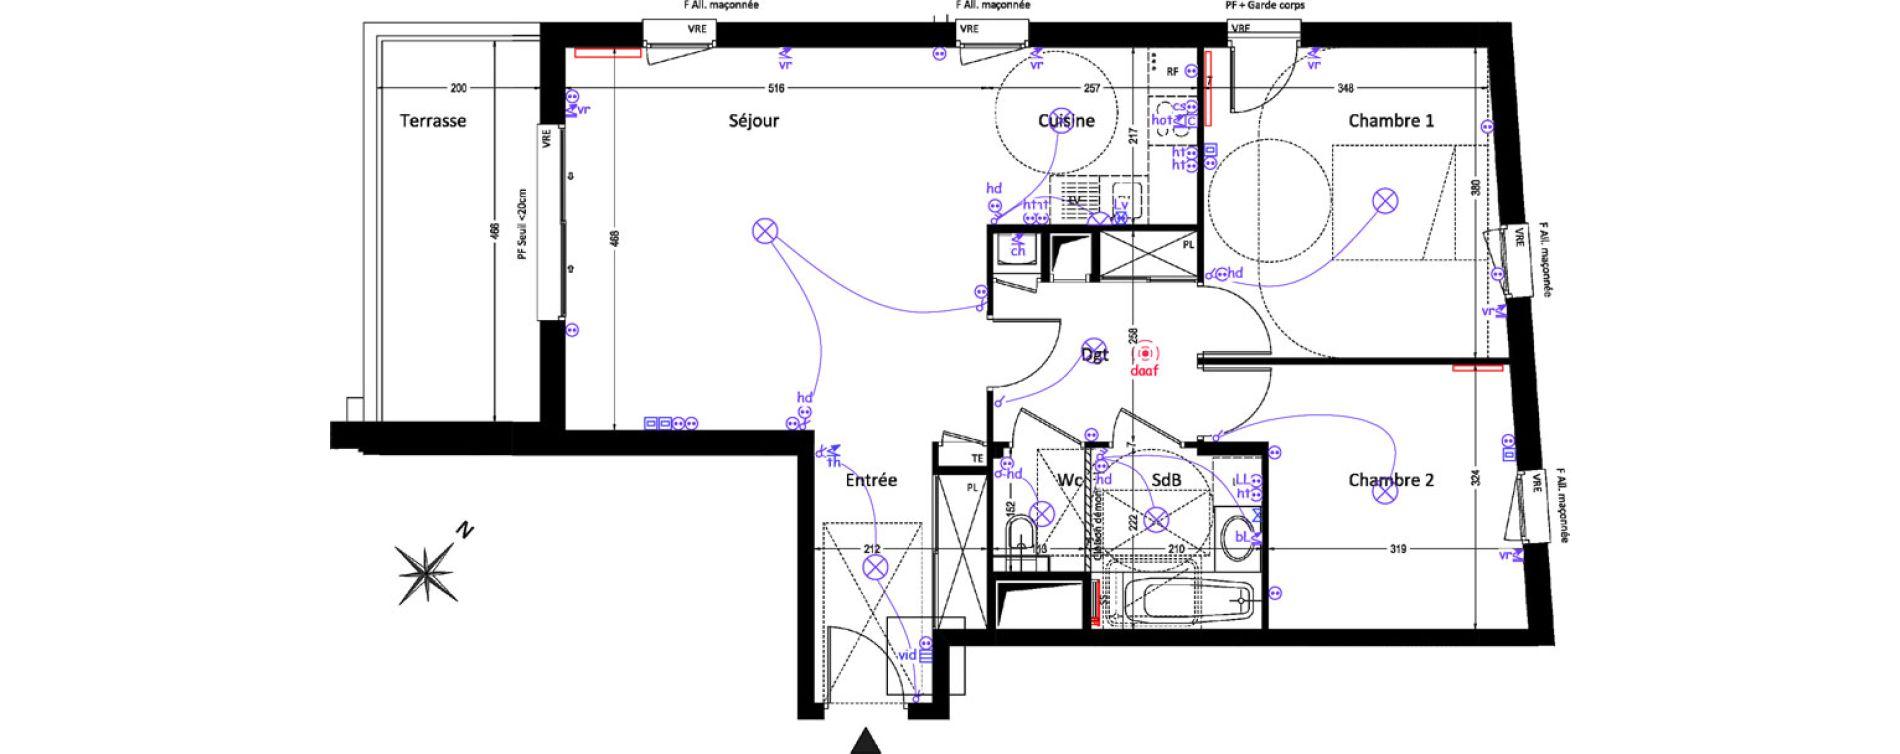 Appartement T3 de 72,25 m2 à Prévessin-Moëns Centre